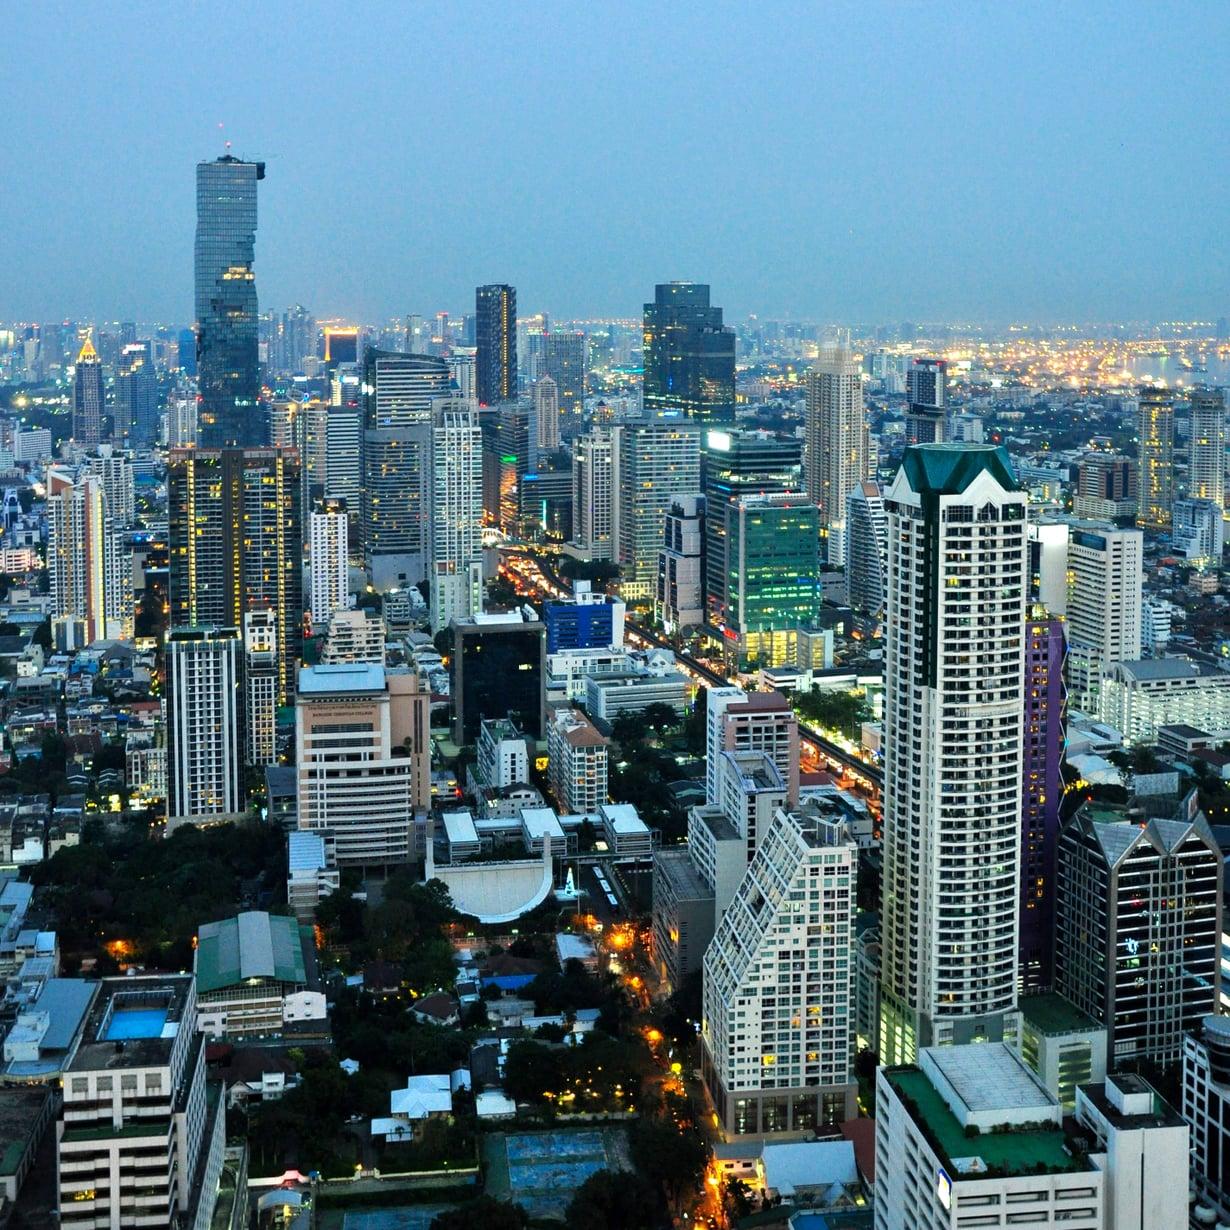 Hengästyttävässä Bangkokissa riittää ihmeteltävää vaikka viikoiksi, mutta parissa päivässäkin ehtii paljon, kun tietää mihin mennä. Kuva: Johanna Elomaa